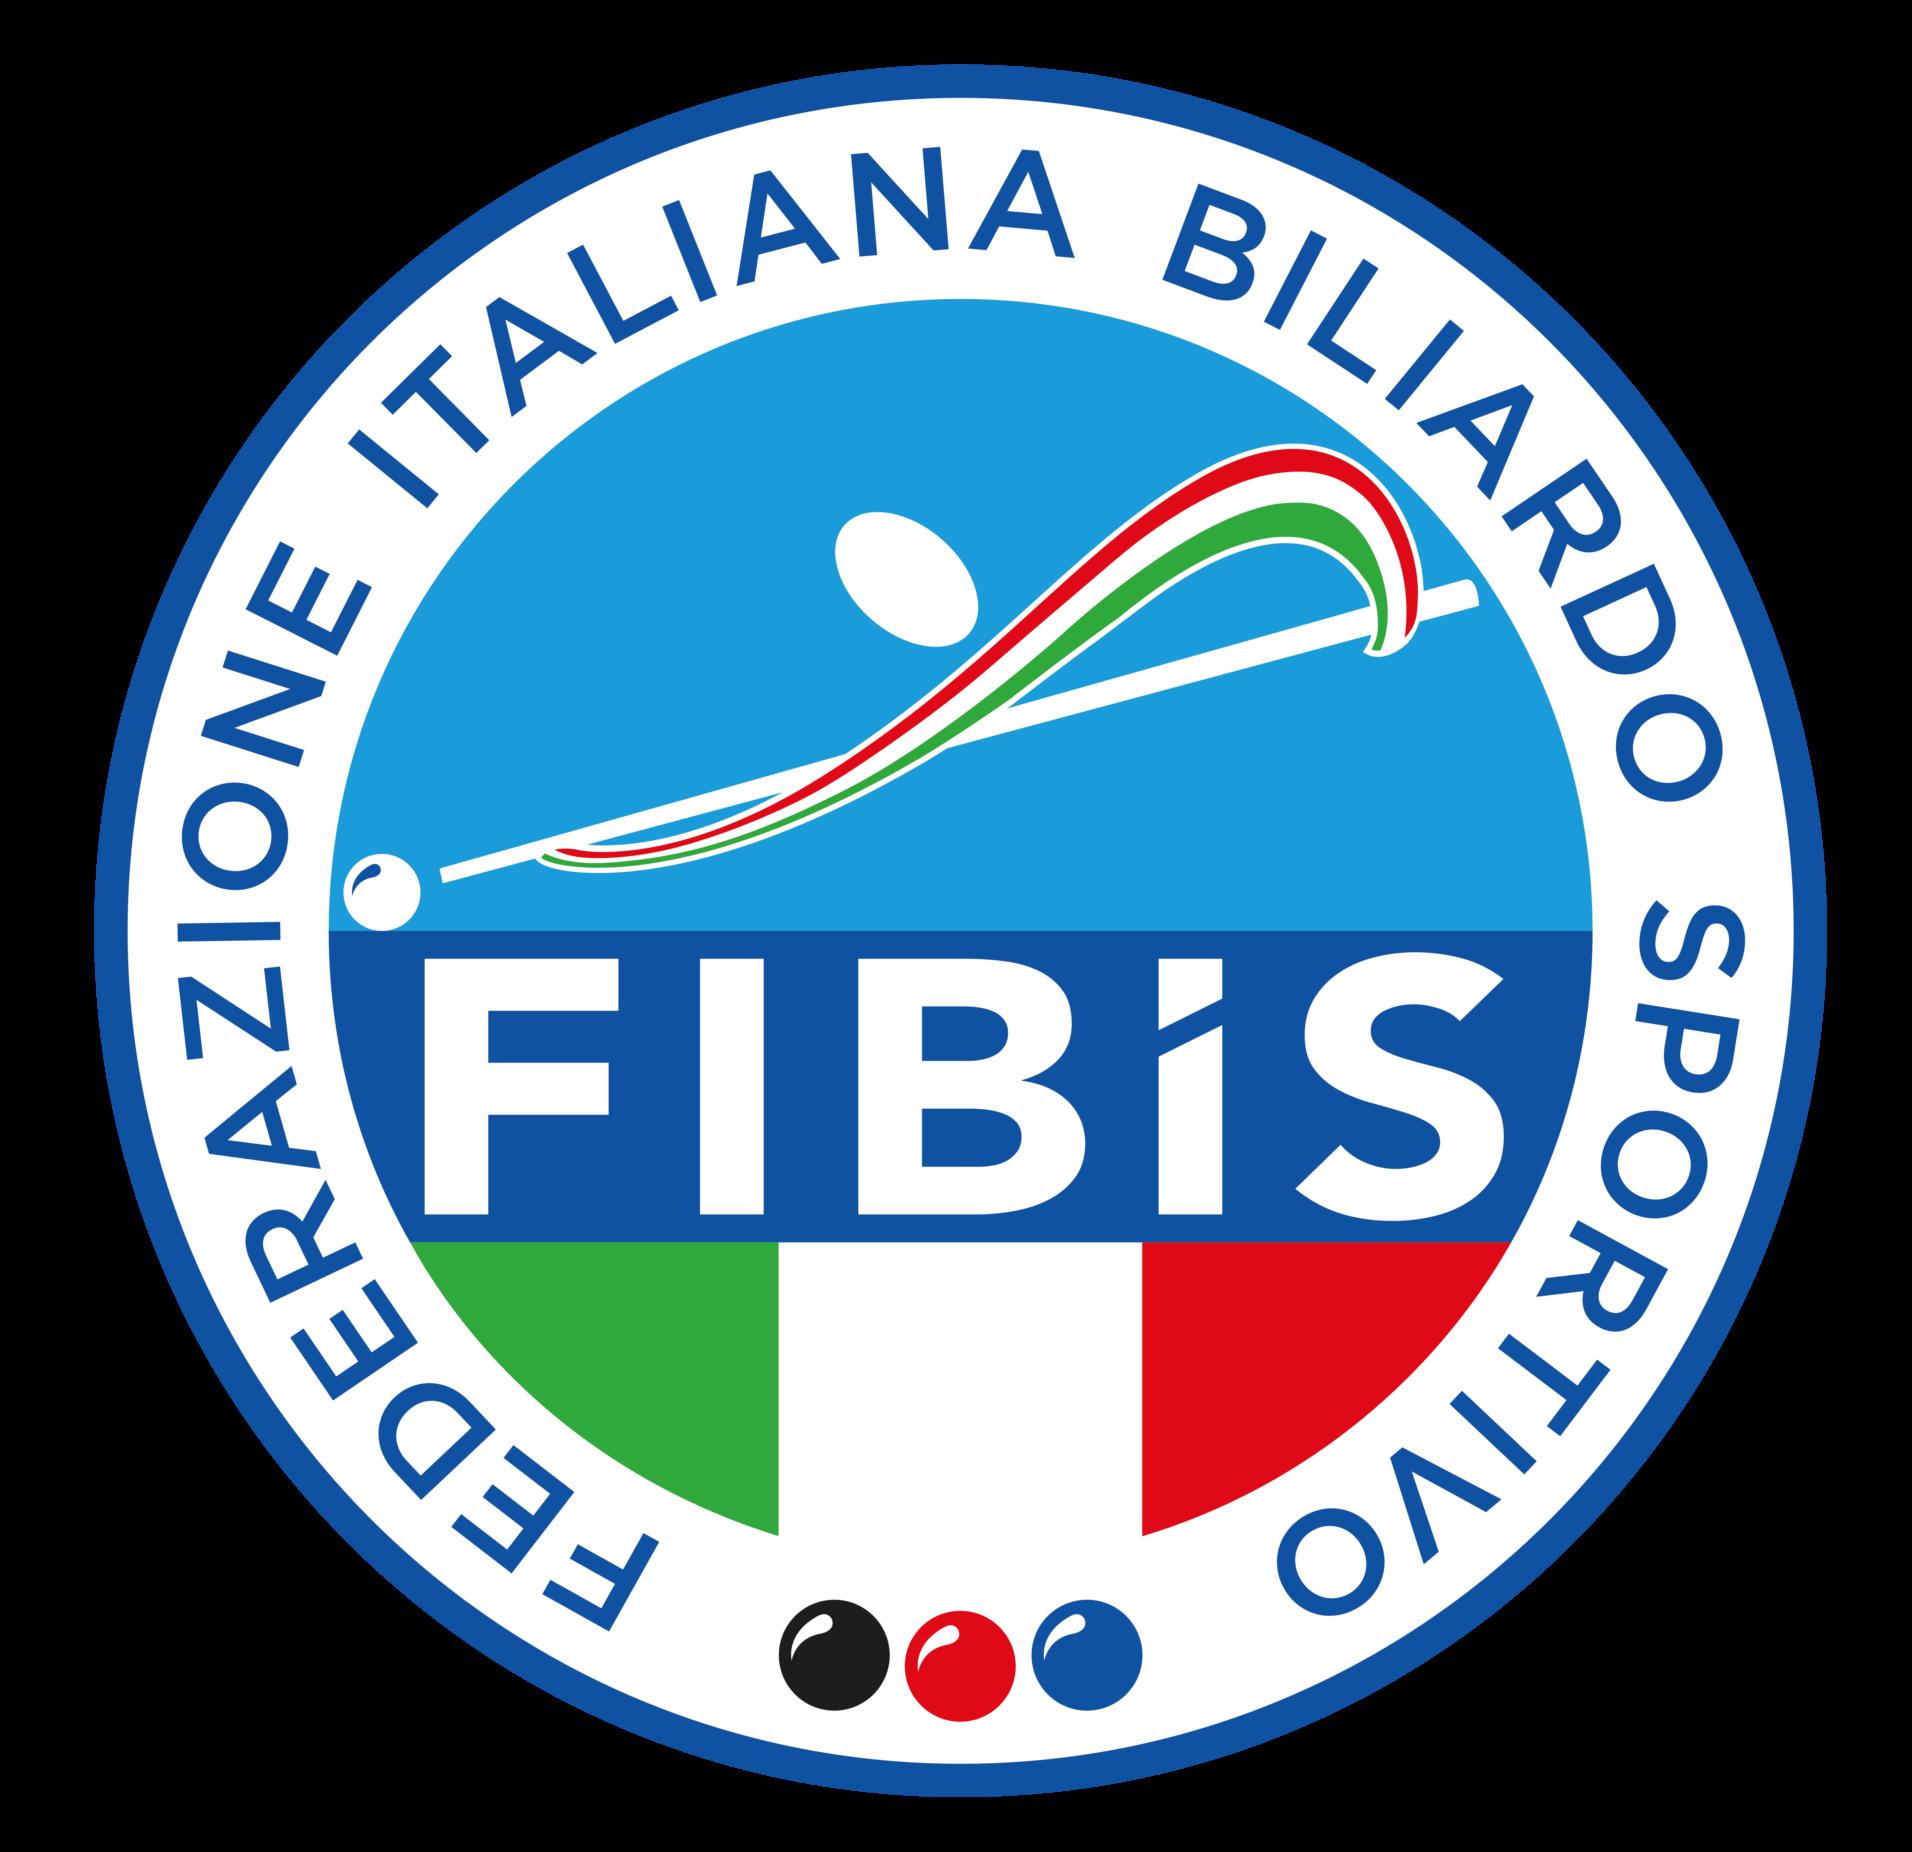 fibis